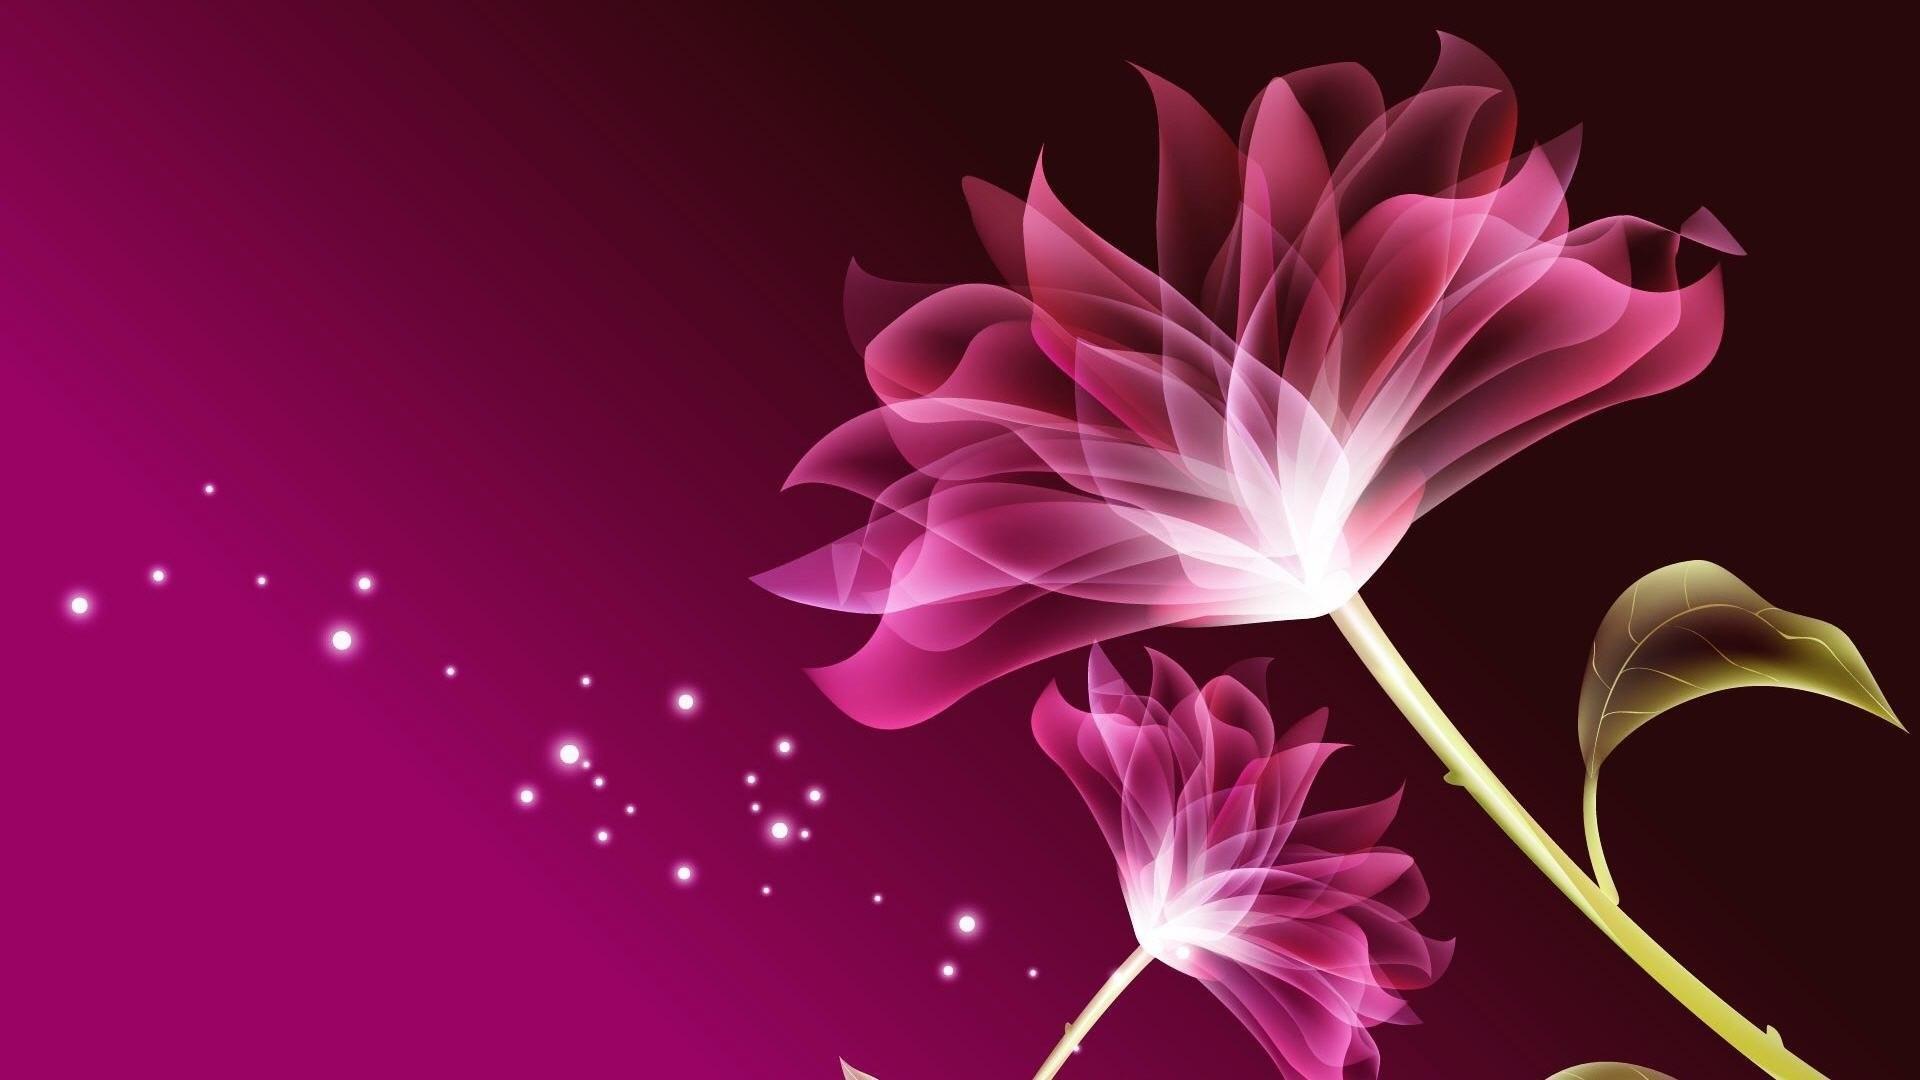 Flower Wallpaper For Desktop Wallpapertag